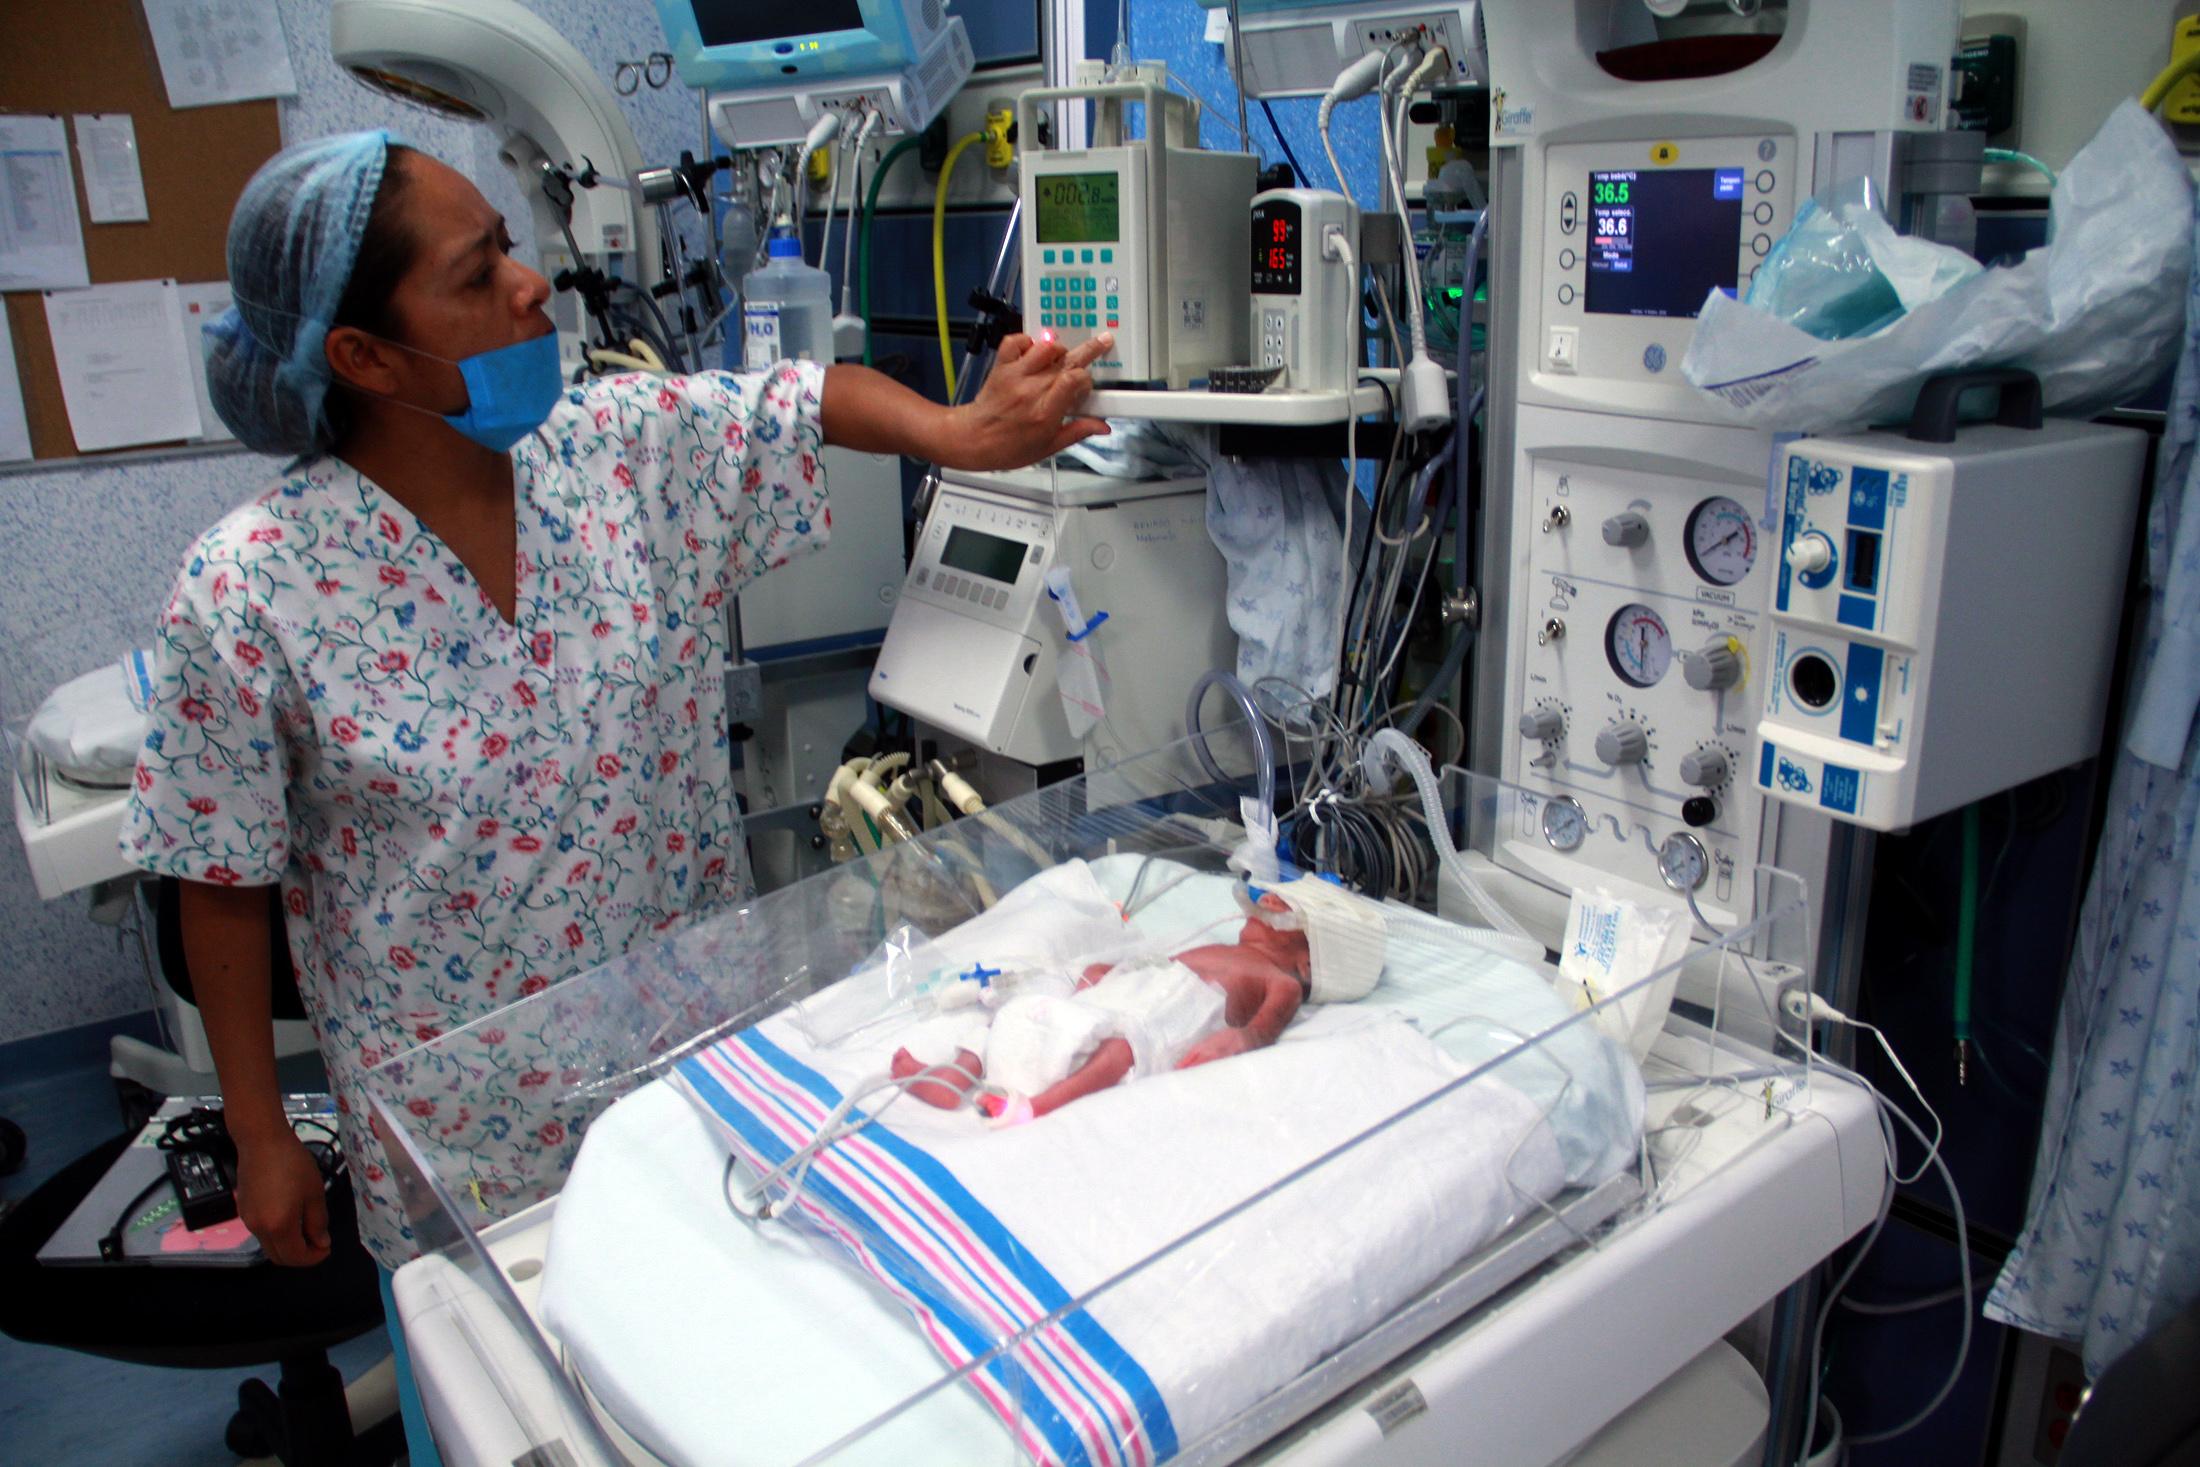 Imagen de archivo de una enfermera con un bebé en Michoacán, México, en 2013. (Crédito: ENRIQUE CASTRO/AFP/Getty Images)